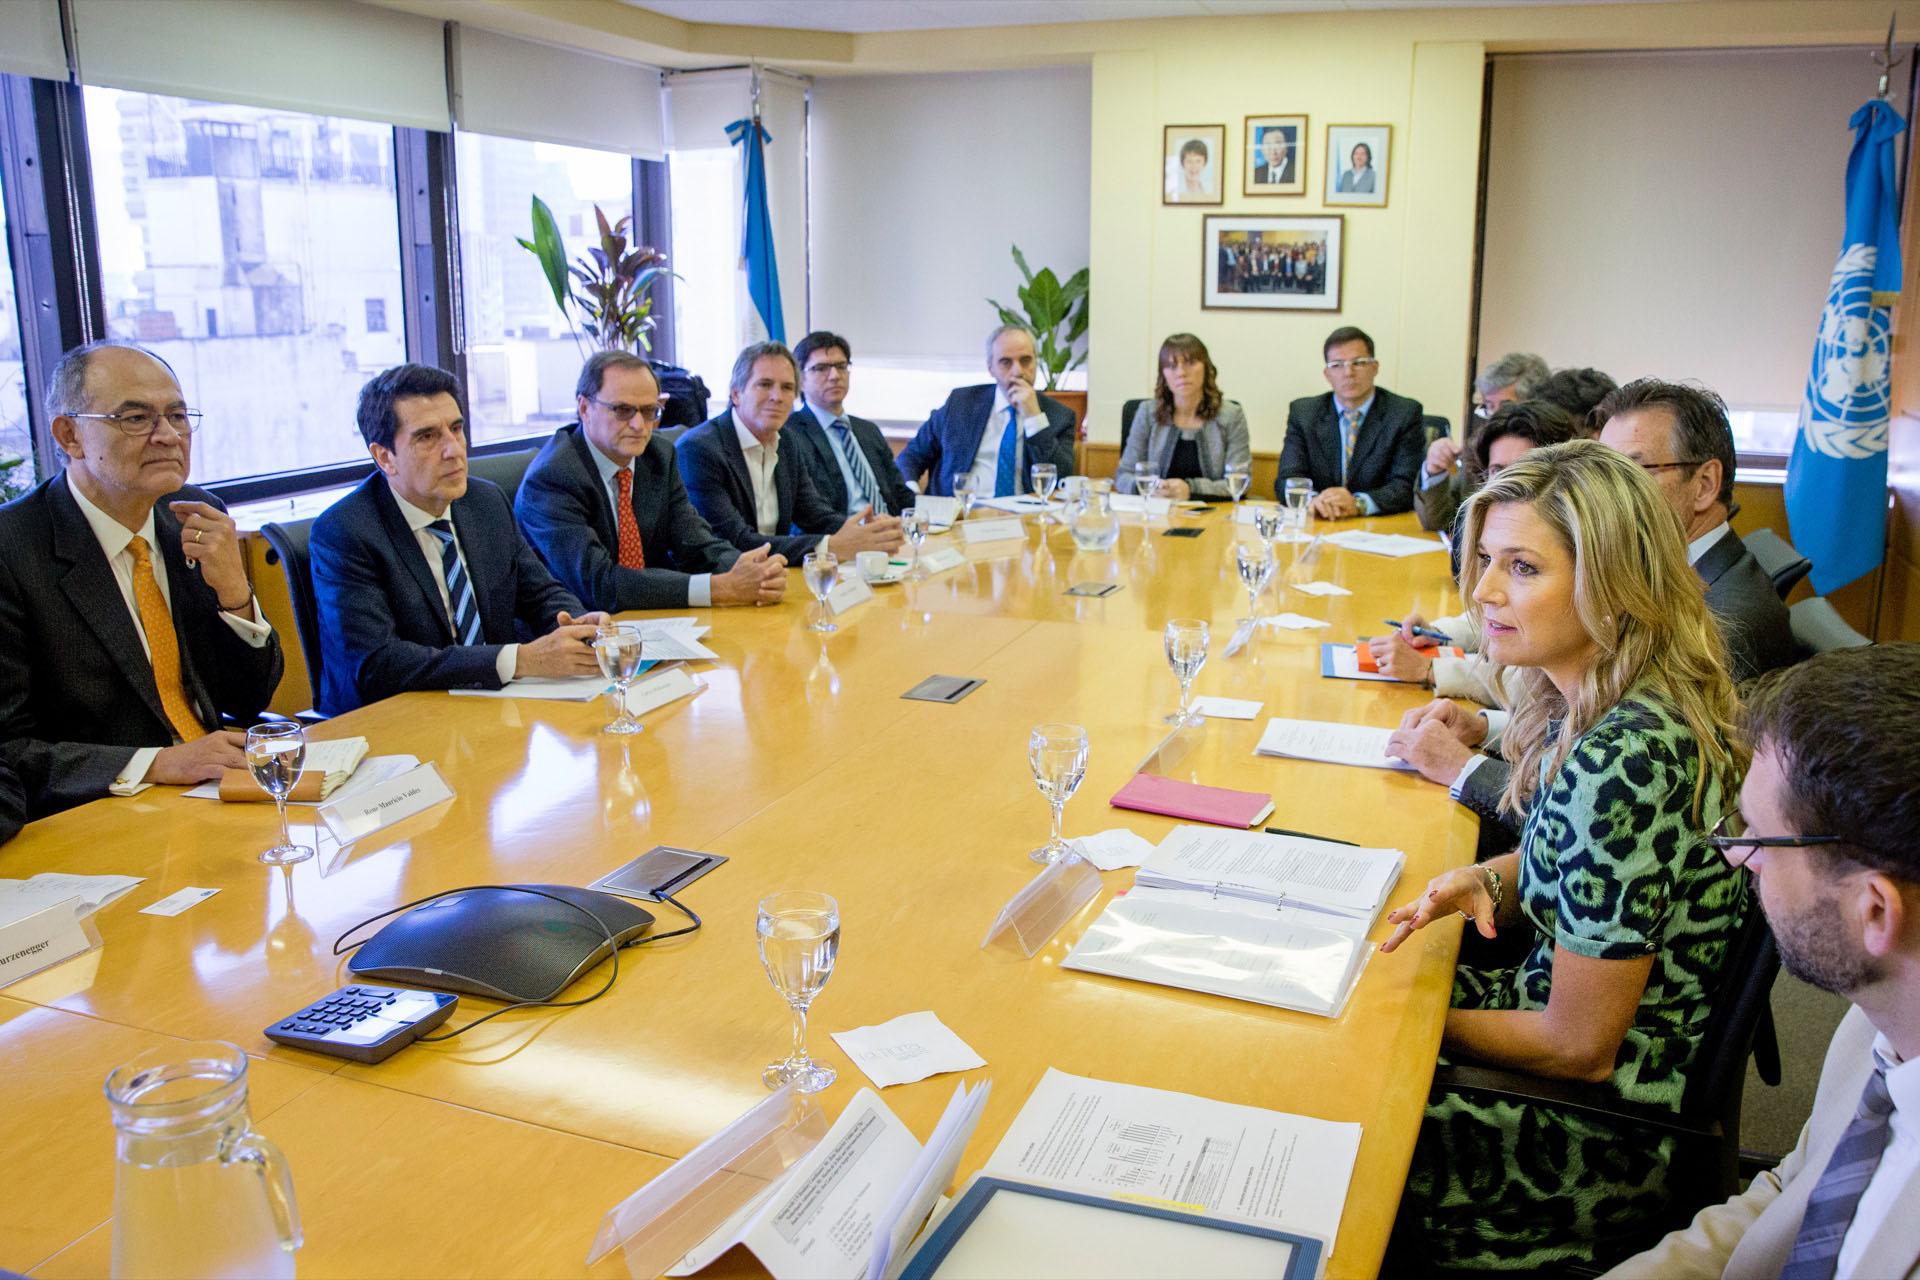 De visita en Buenos Aires, Máxima hace oír su voz en su rol para Naciones Unidas.